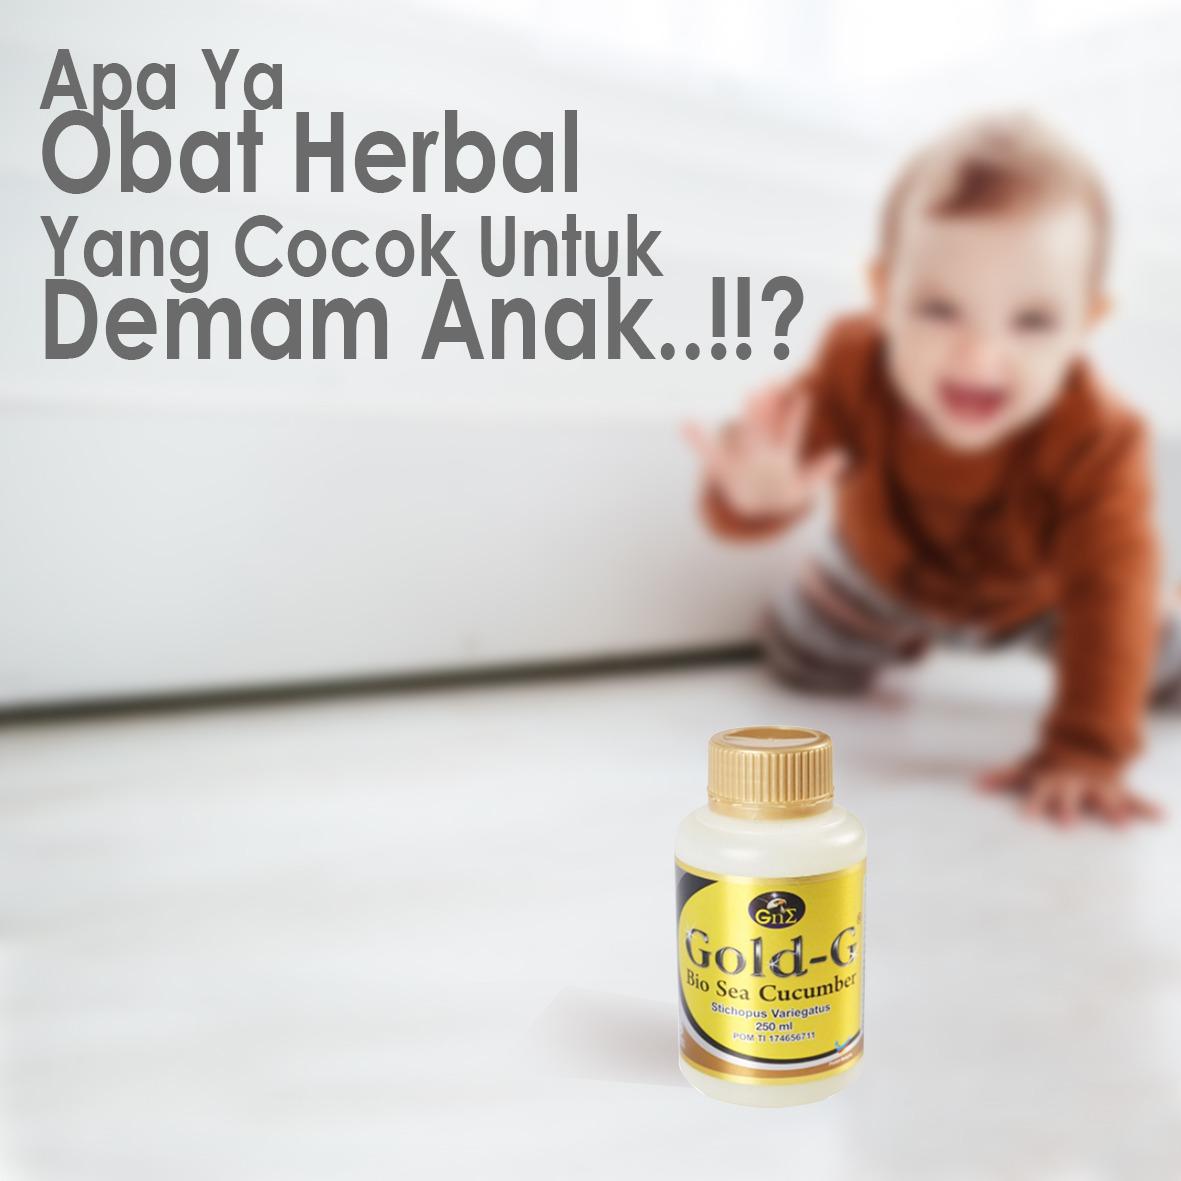 Obat Herbal Gamat Gold-G Mengatasi Panas Tinggi Anak